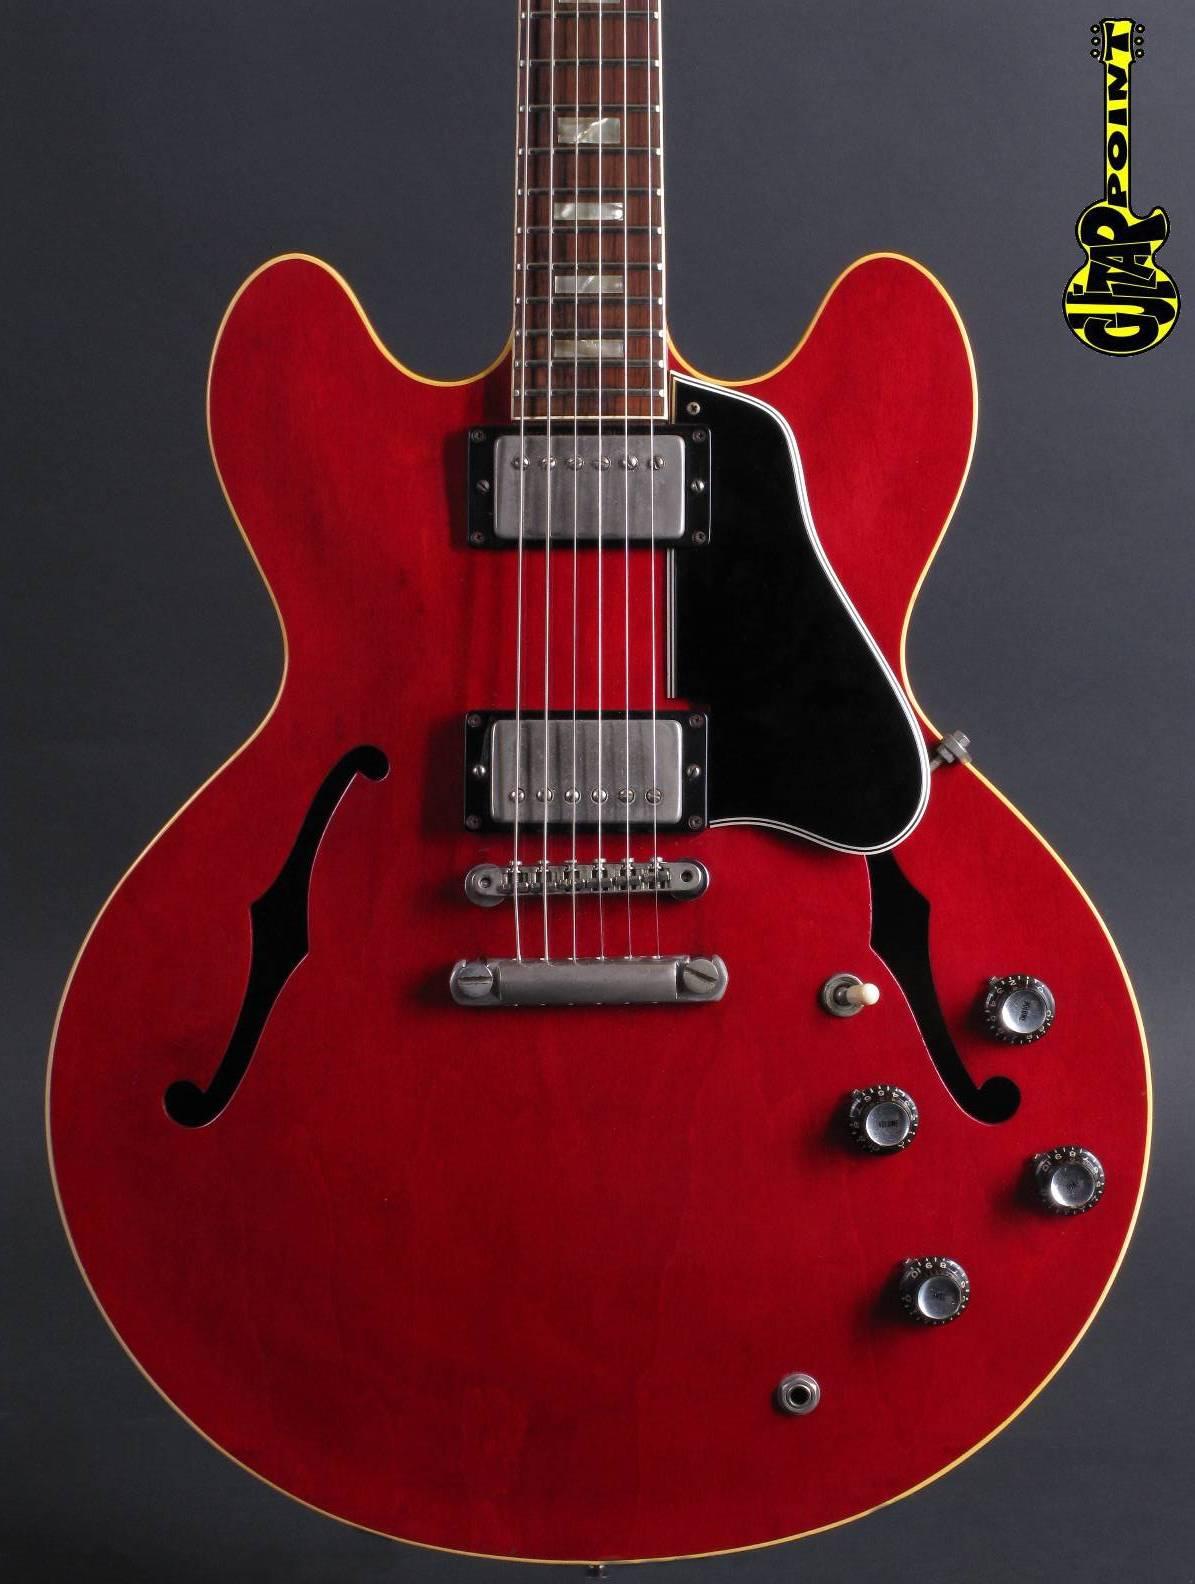 1964 Gibson ES-335 - Cherry